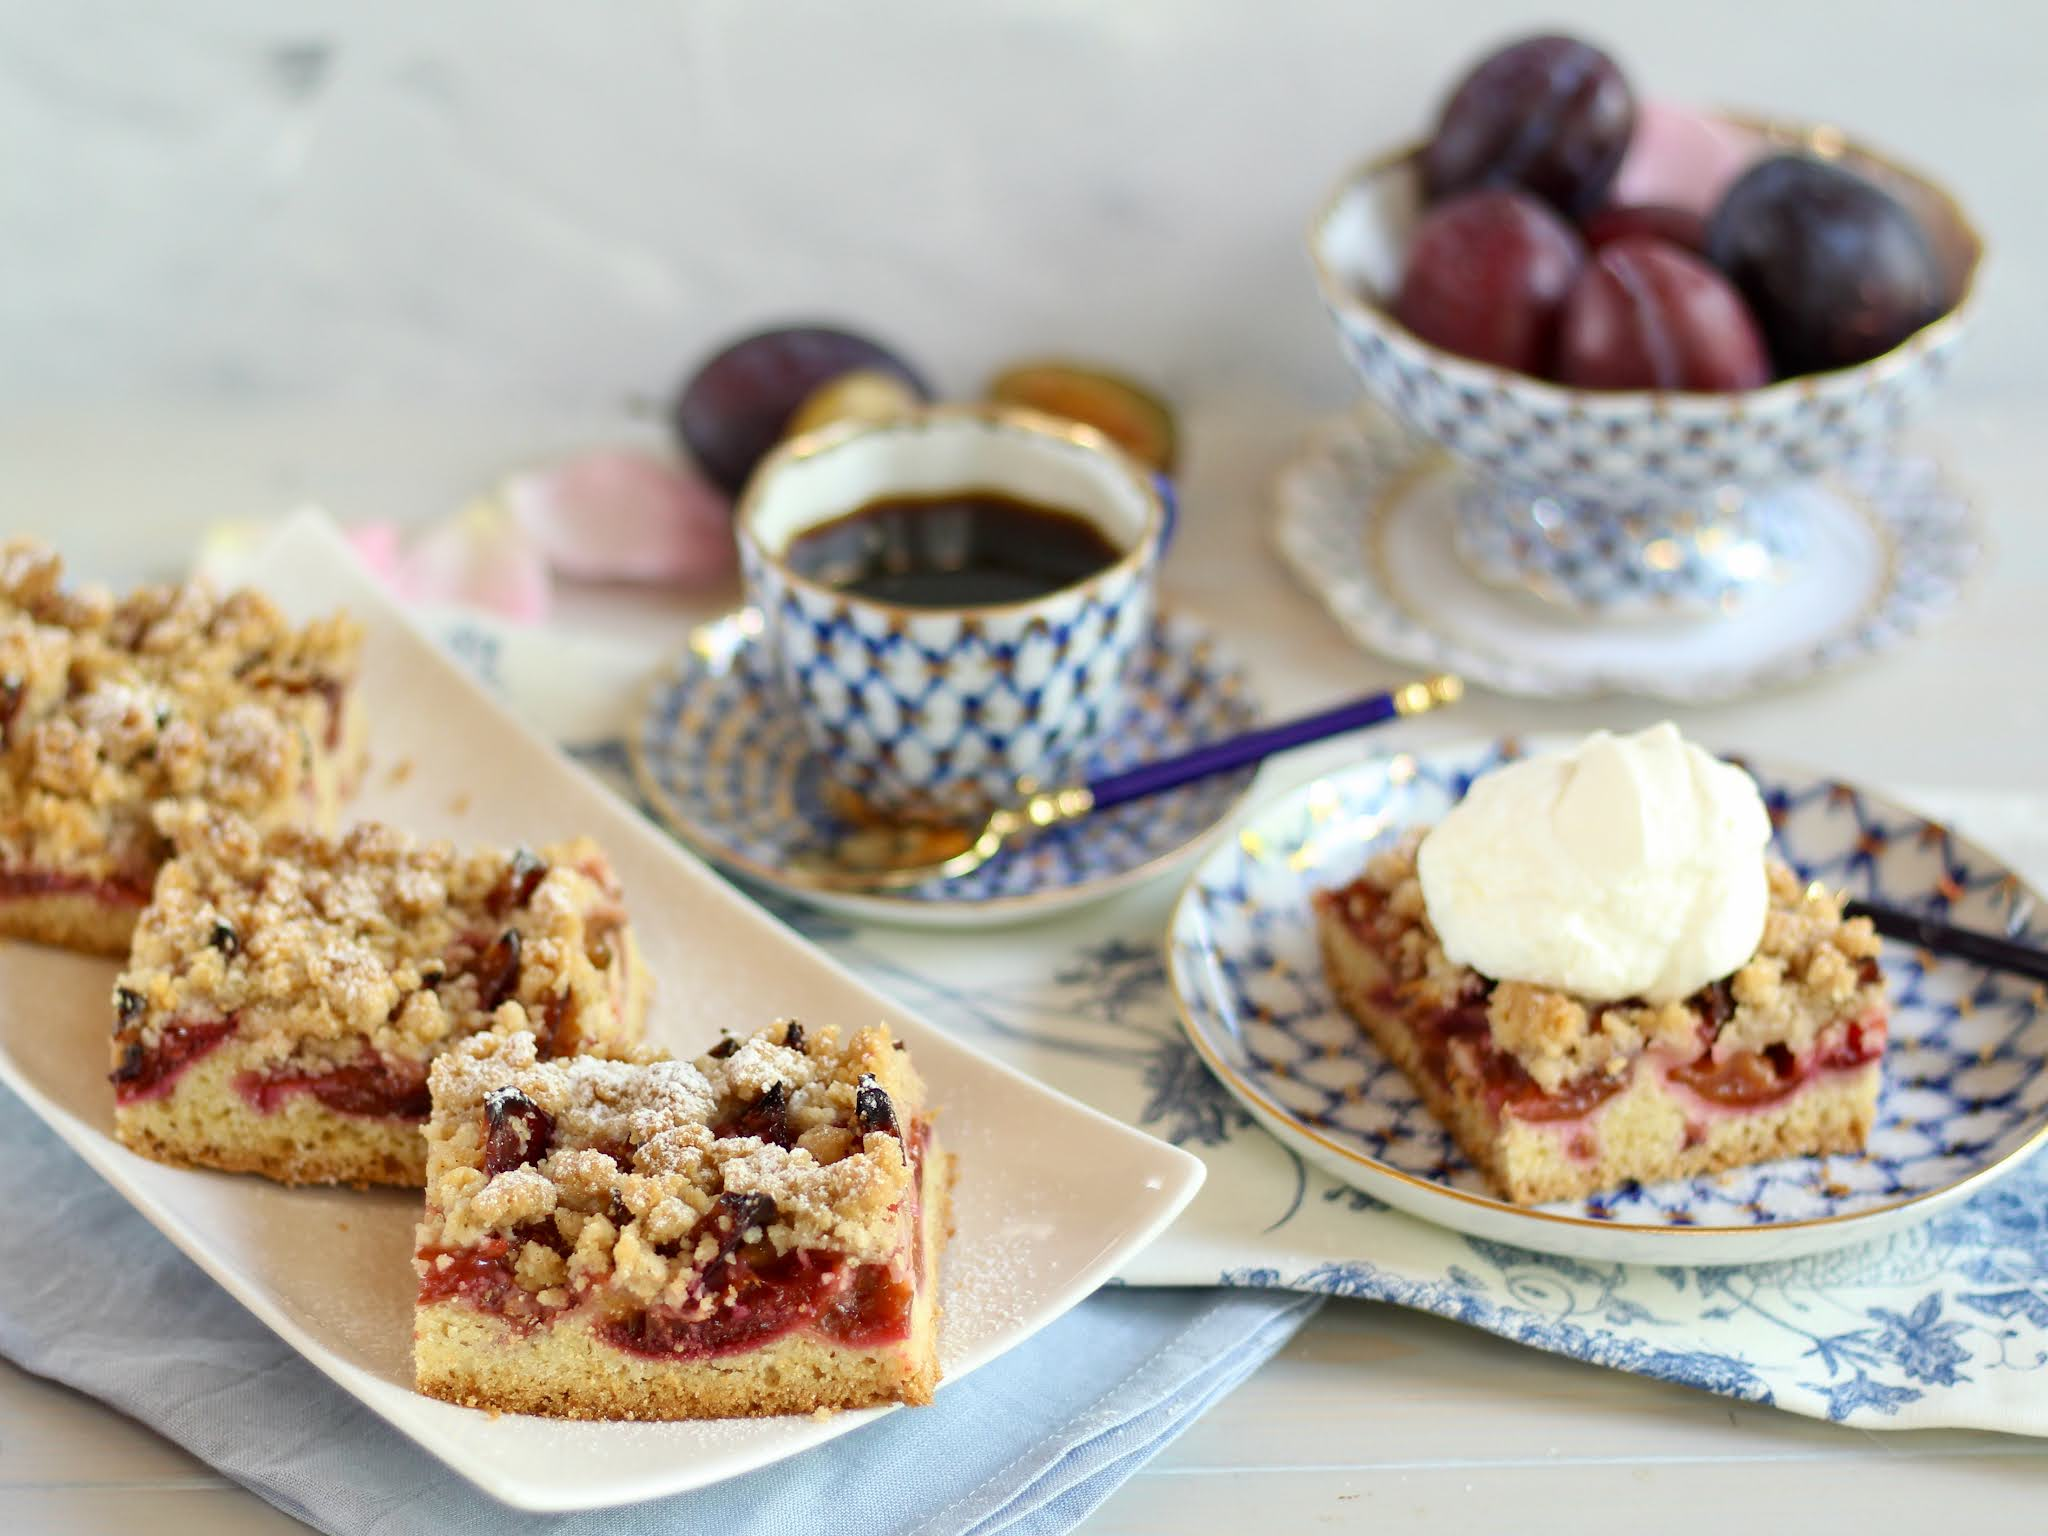 Der beste Zwetschgenkuchen mit Mürbeteig und Zimtstreuseln nach Omas Art! Rezept und Video von Sugarprincess